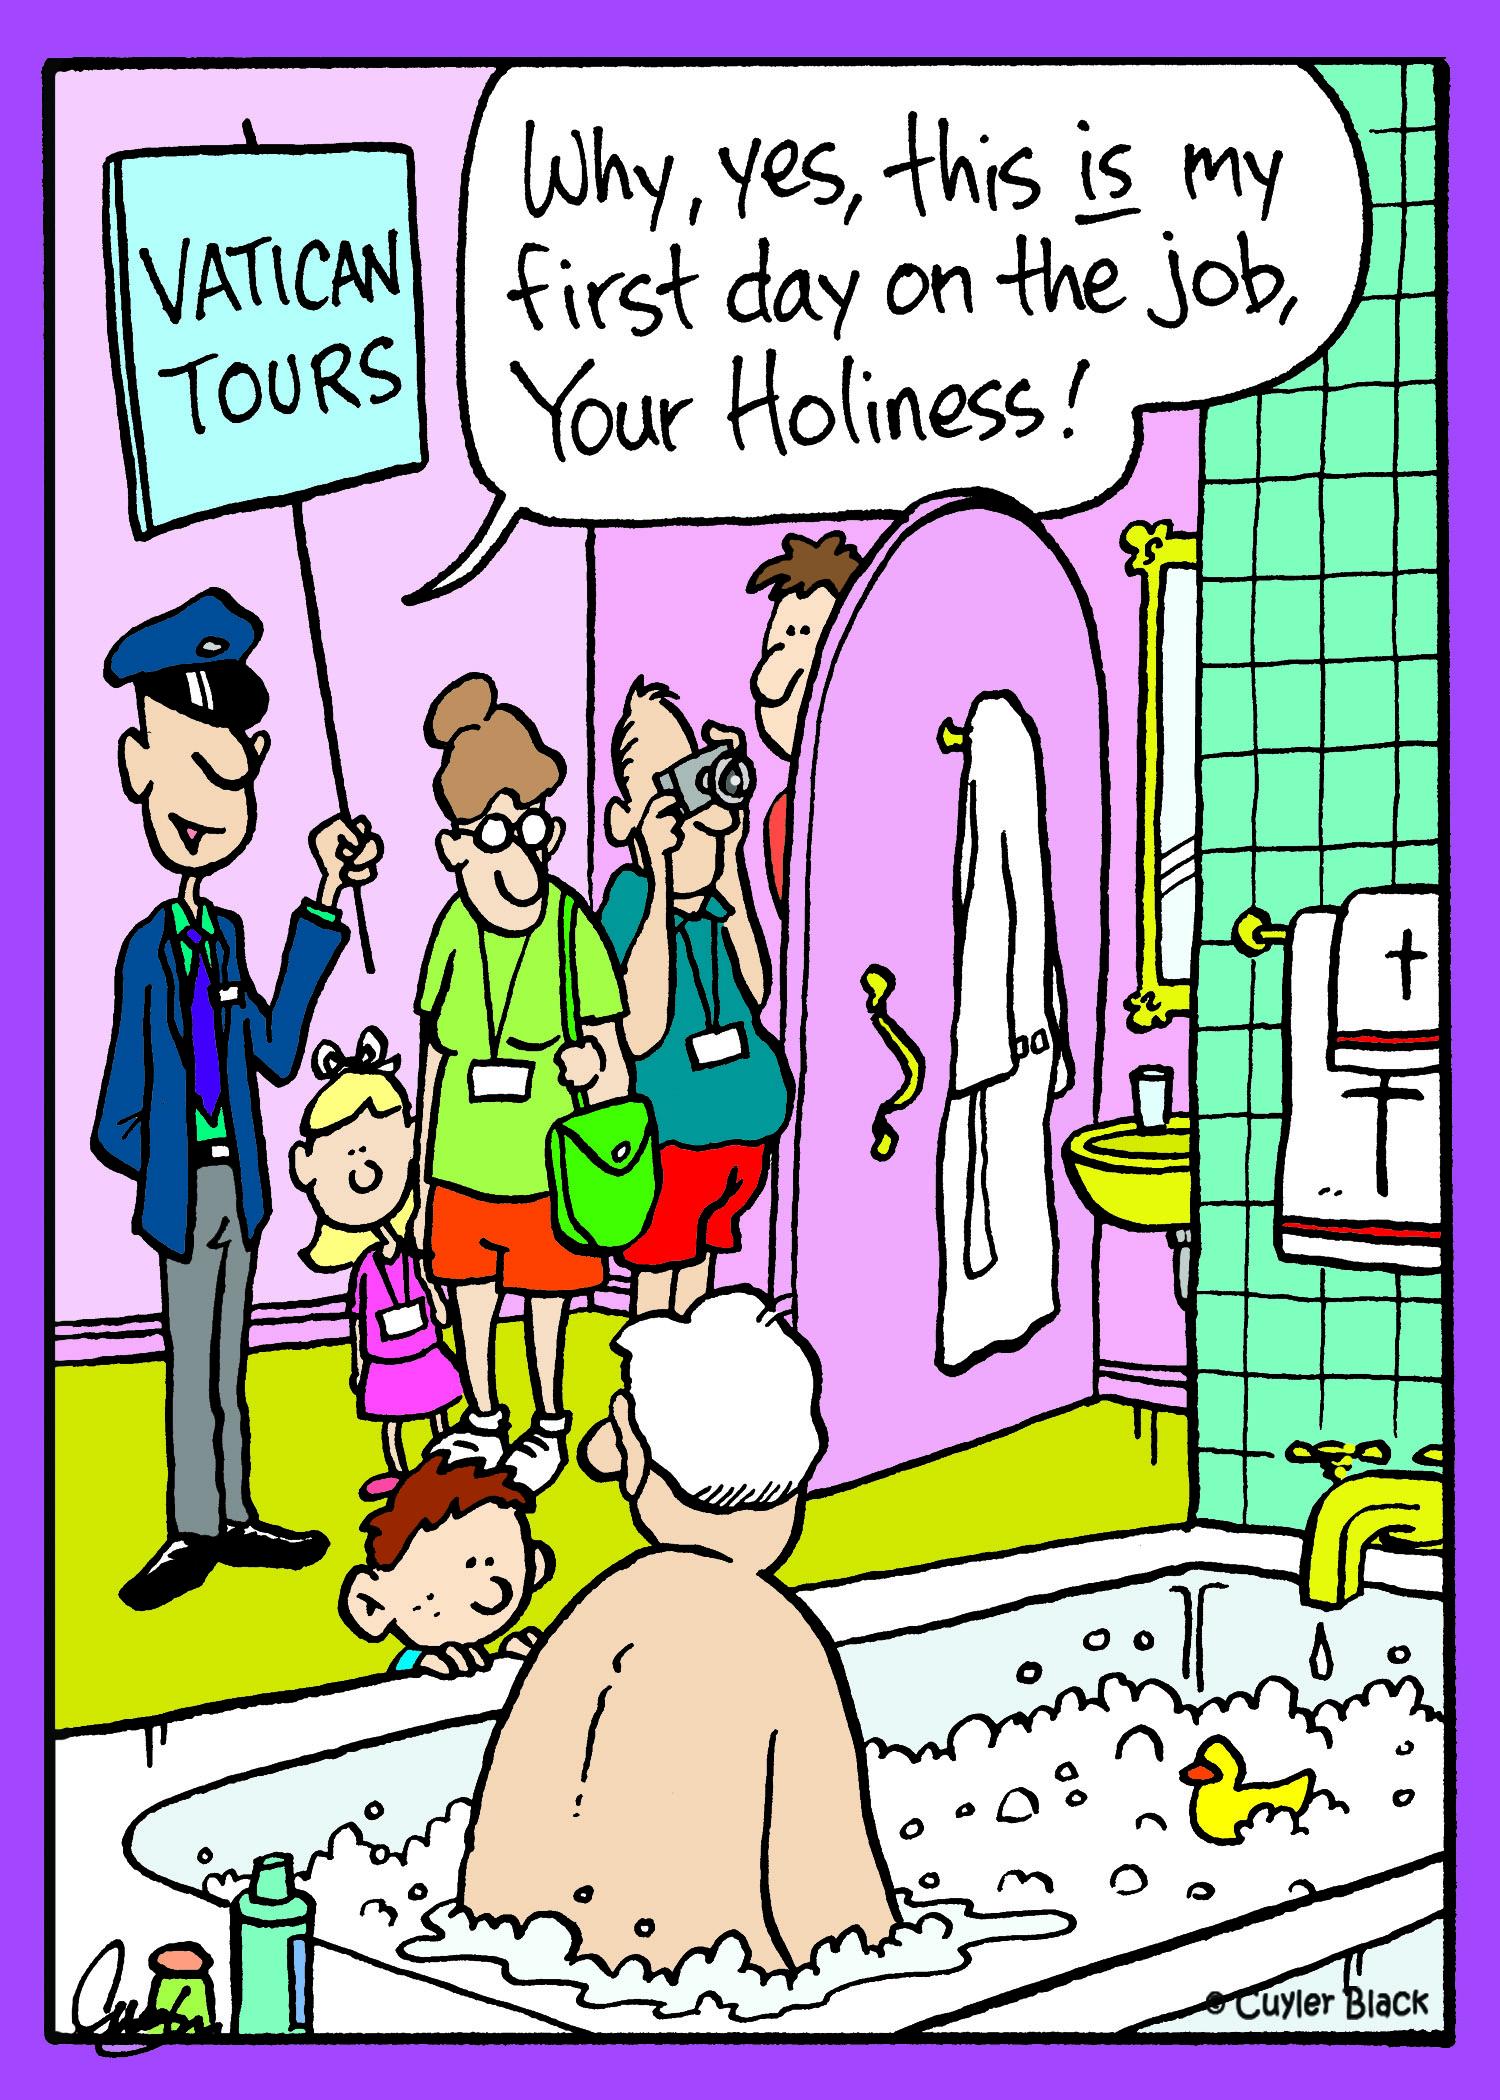 Vatican tour.jpg